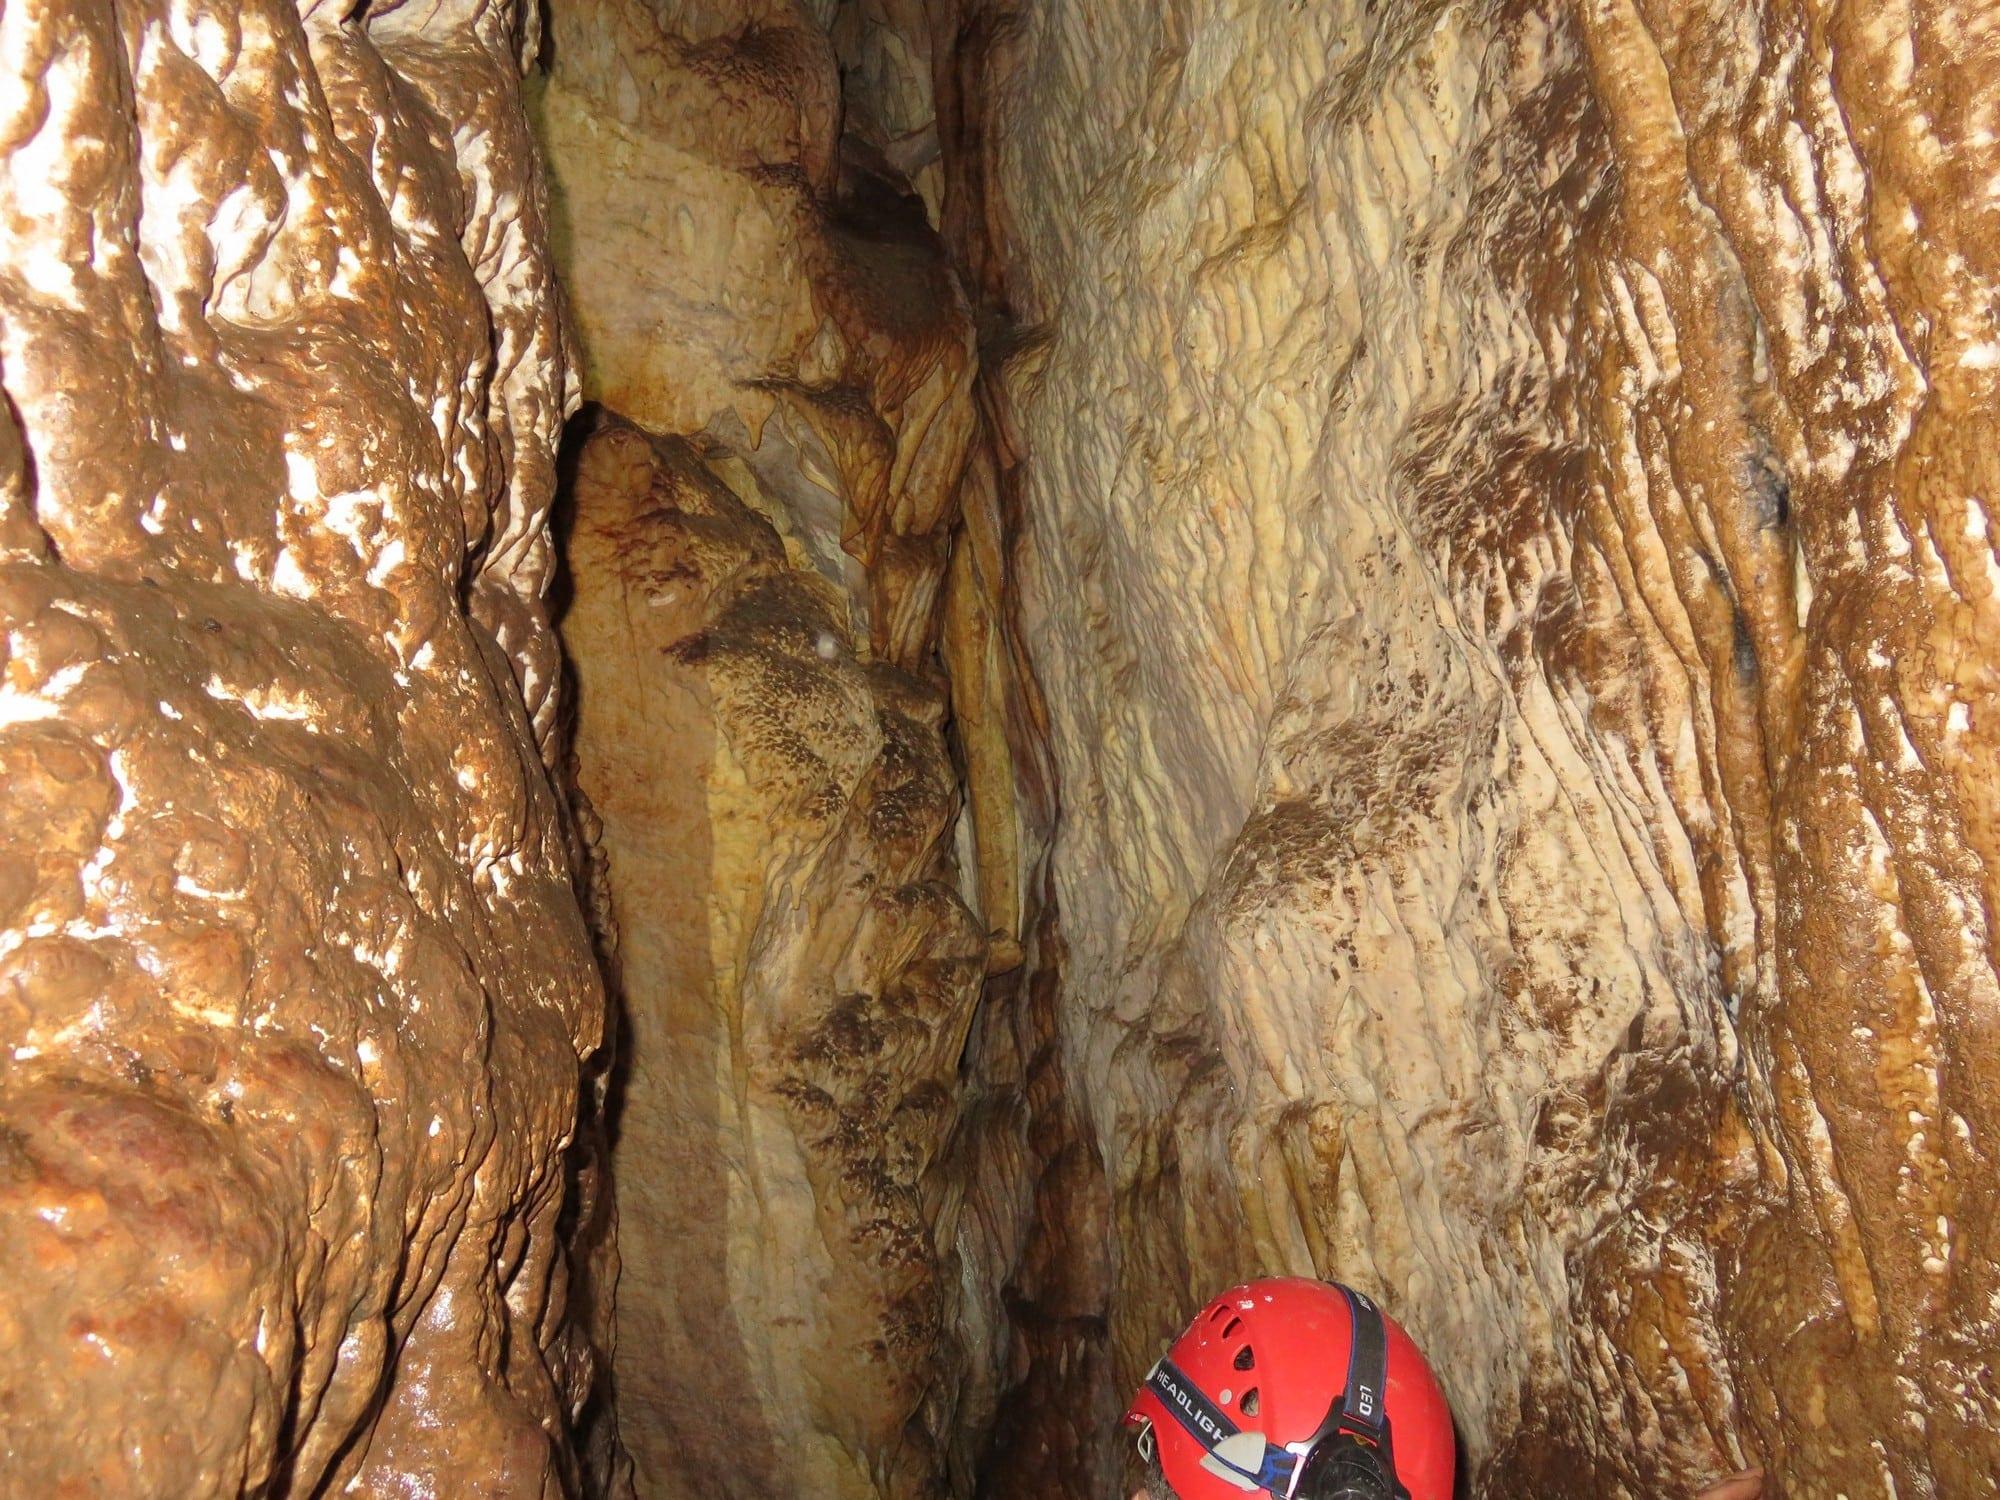 טיול במערת עלמה | ערוצים בטבע